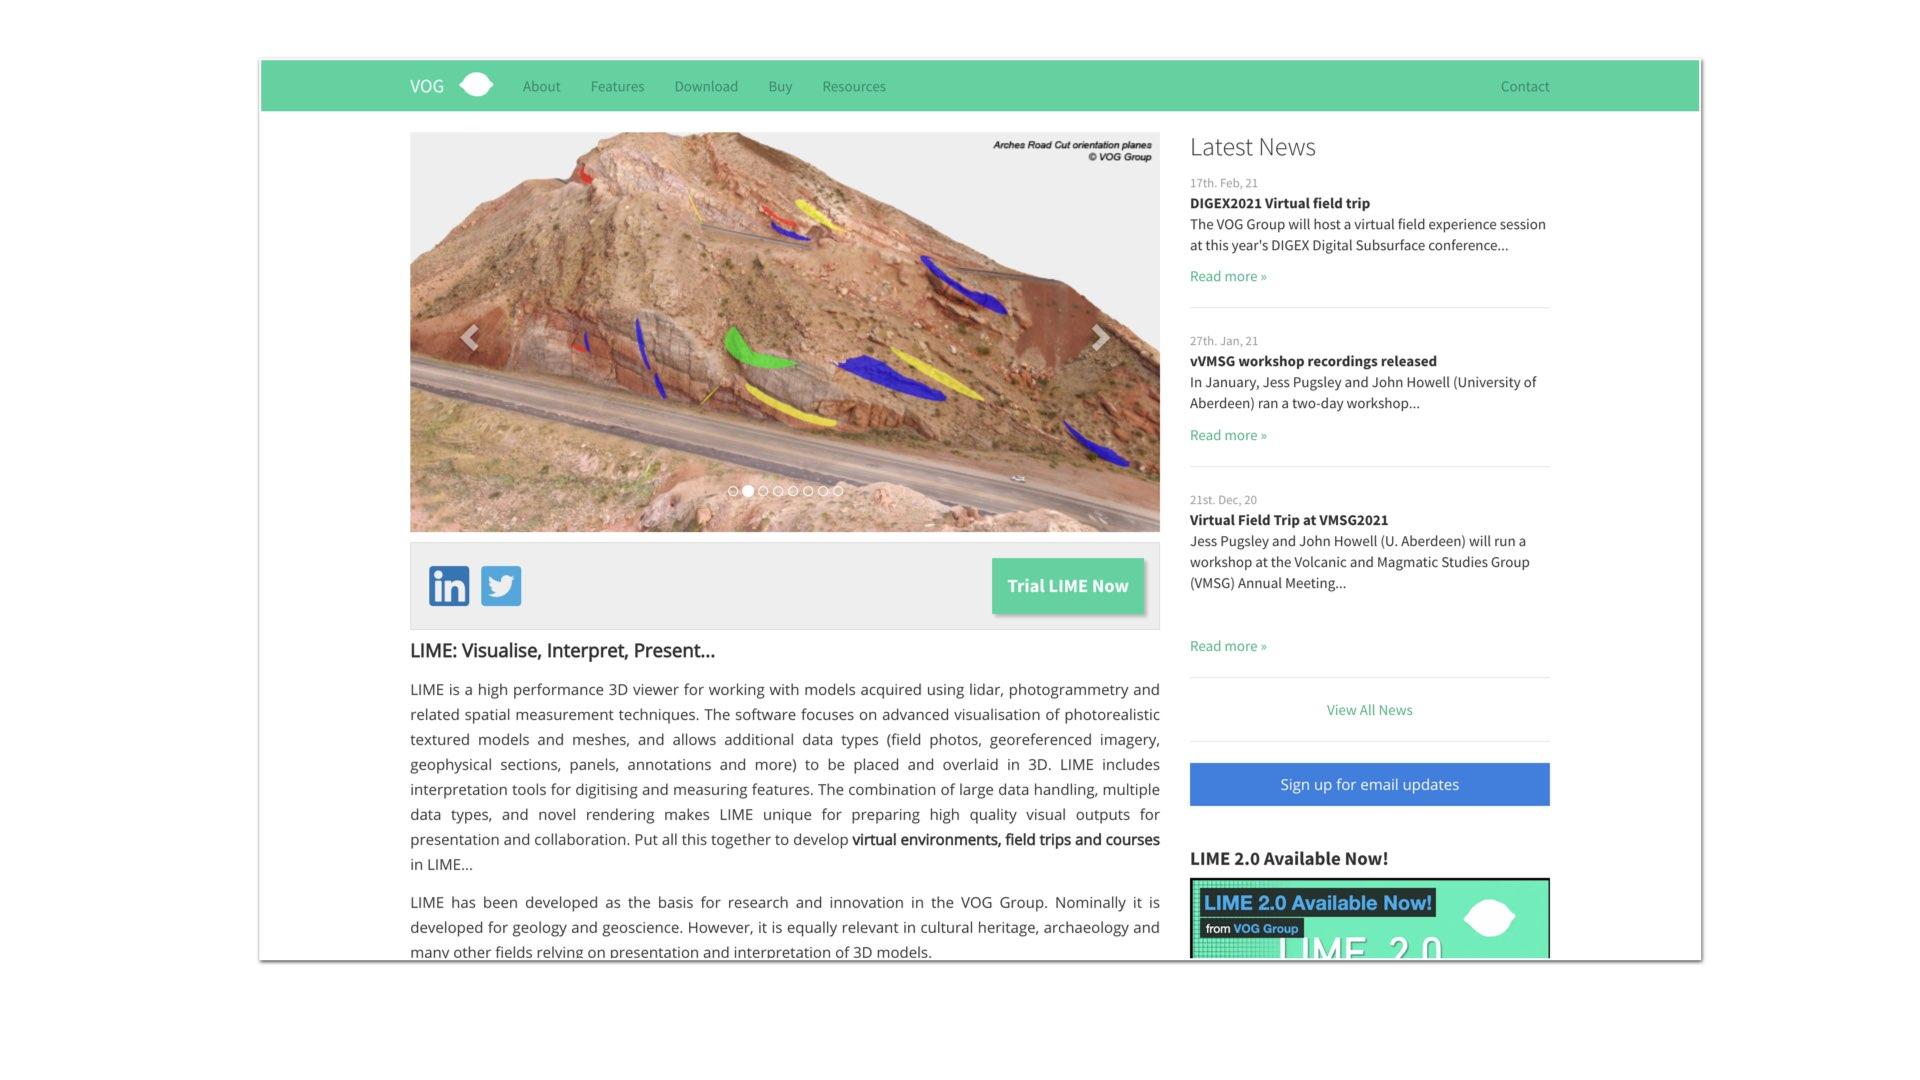 Lime Blog Voor Drone 3D-Modellen